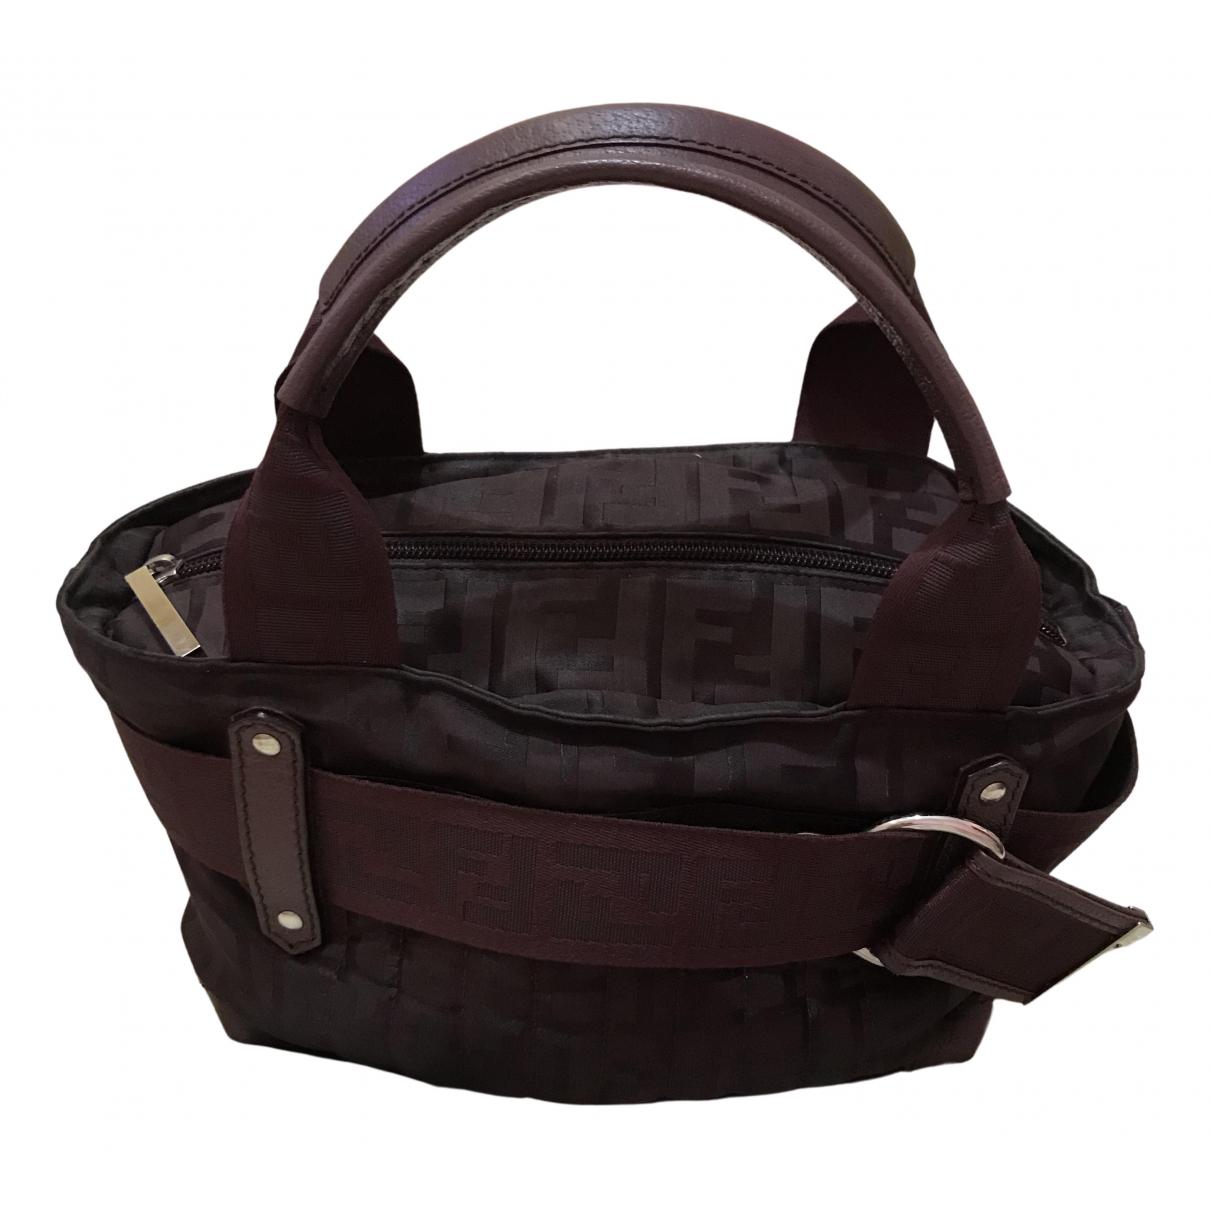 Fendi N Burgundy Cloth handbag for Women N